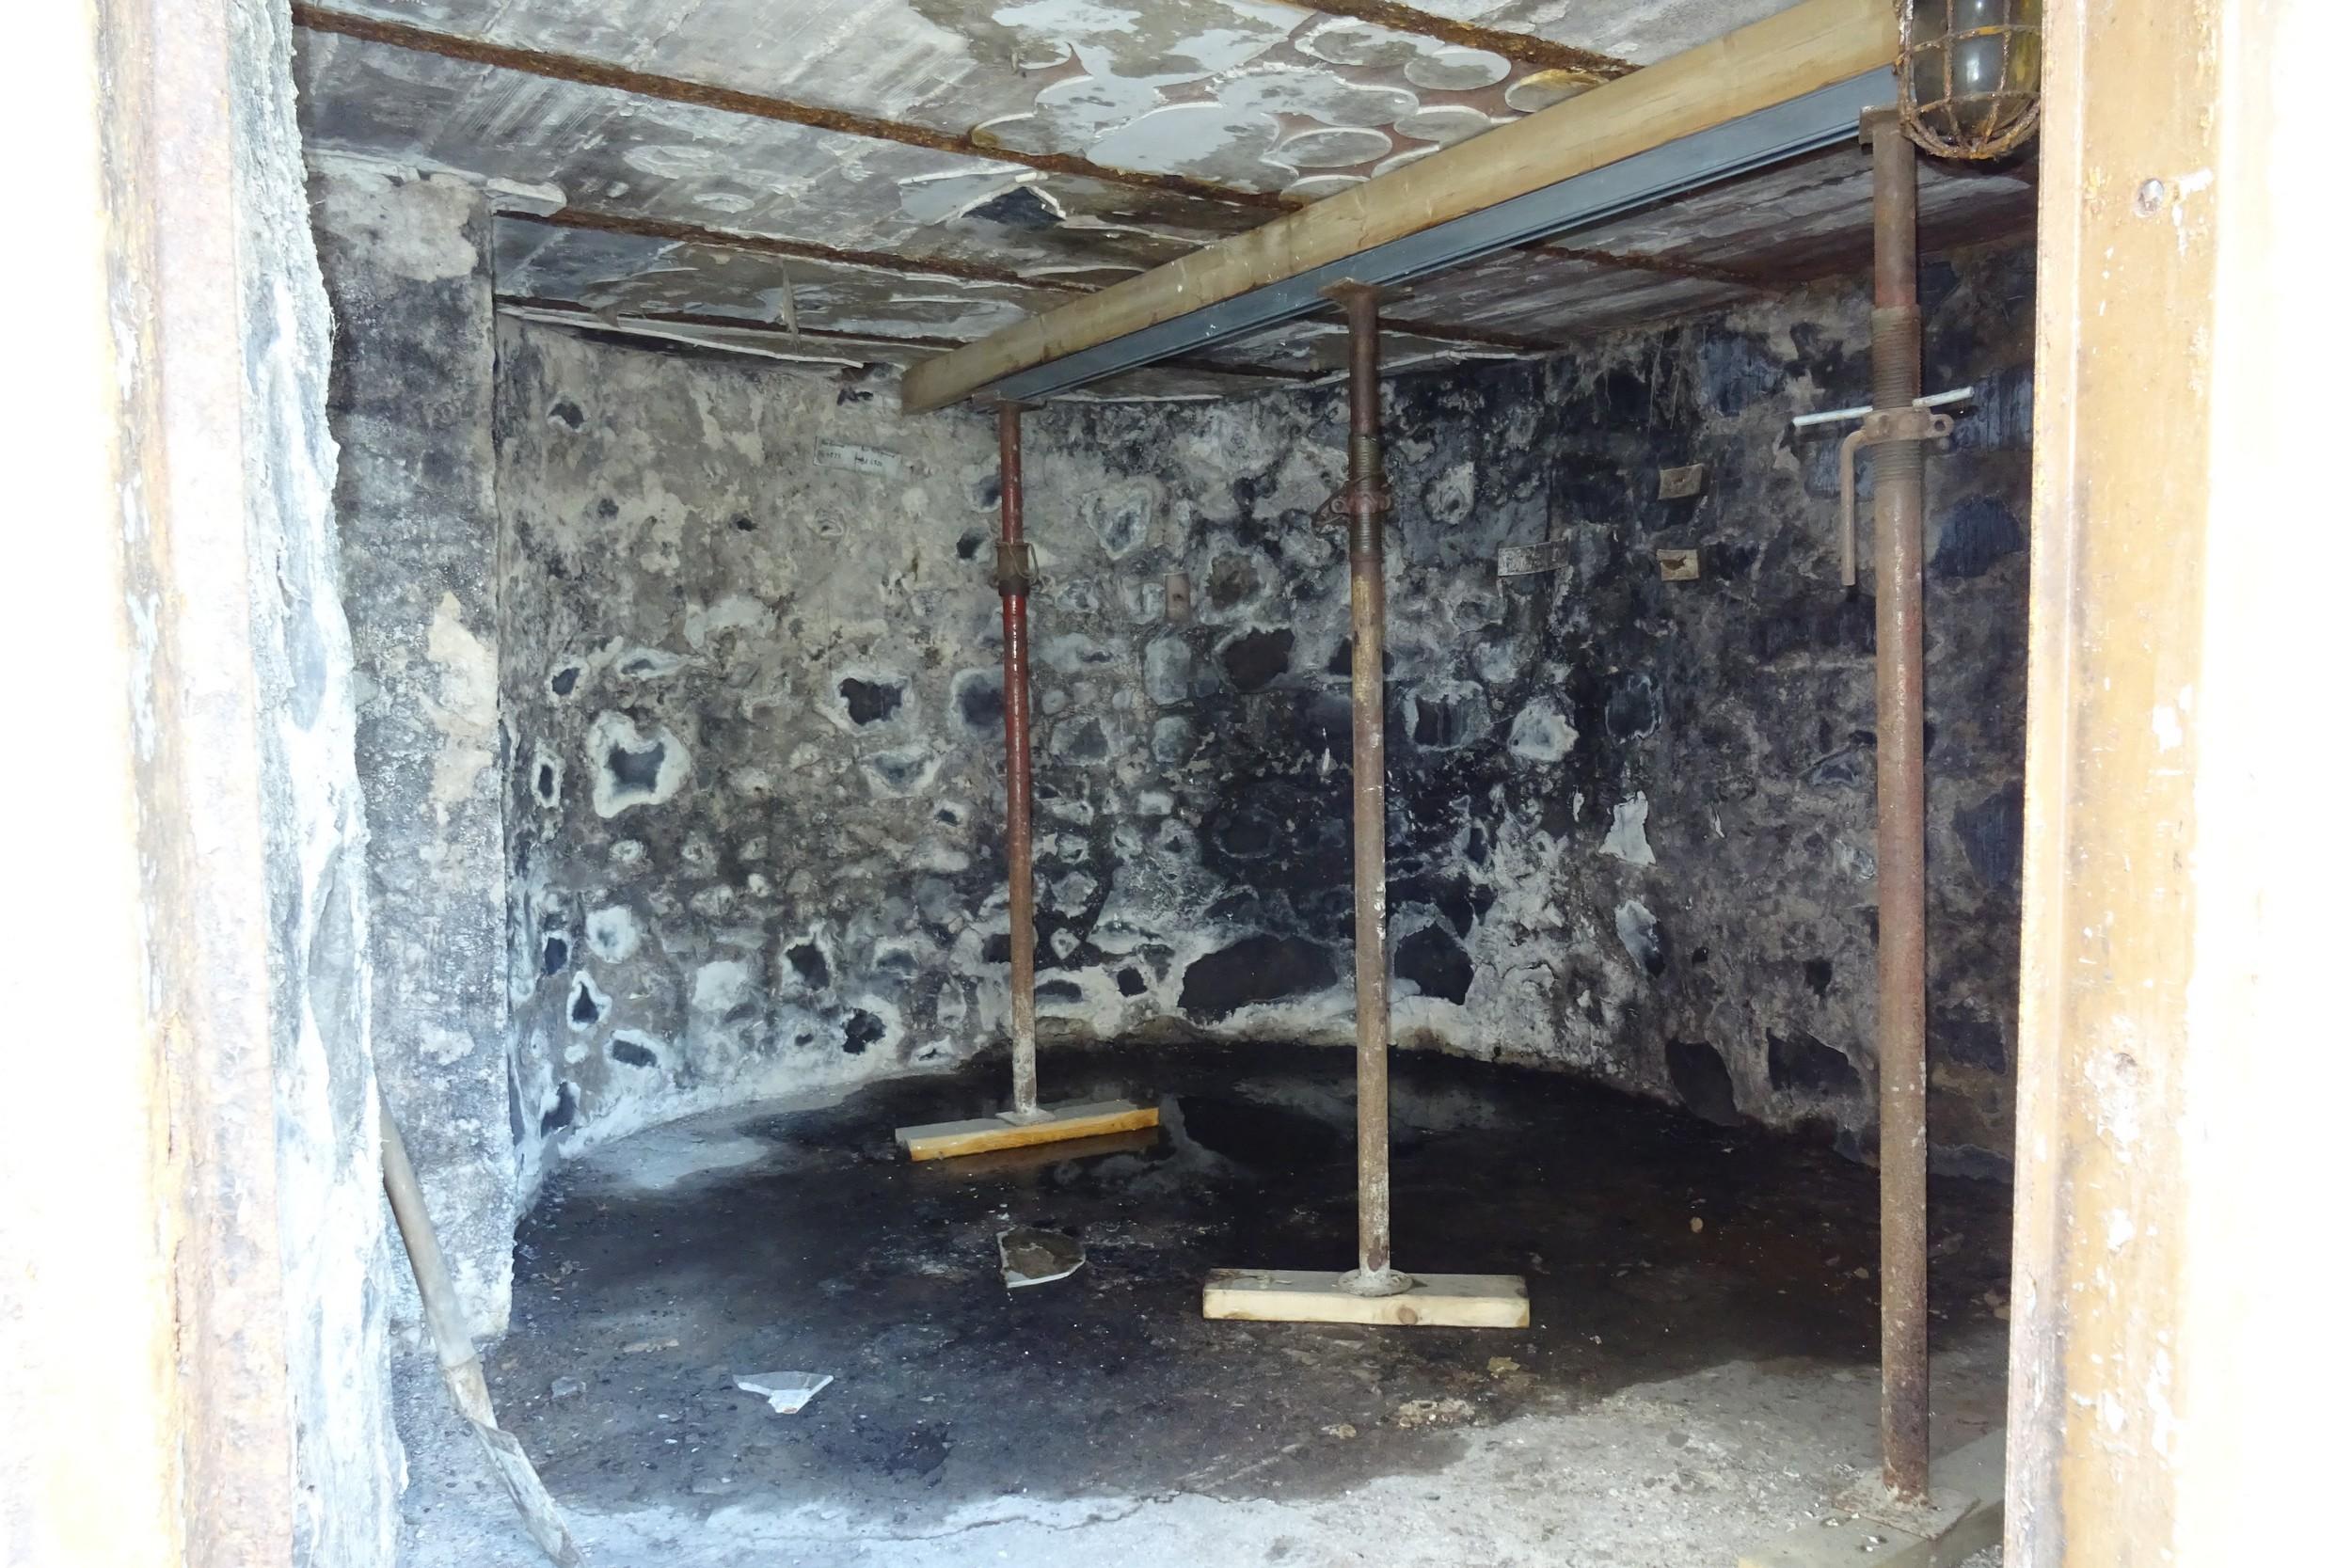 Der Innenraum des alten Wehrturms der Freiheiter Stadtmauer